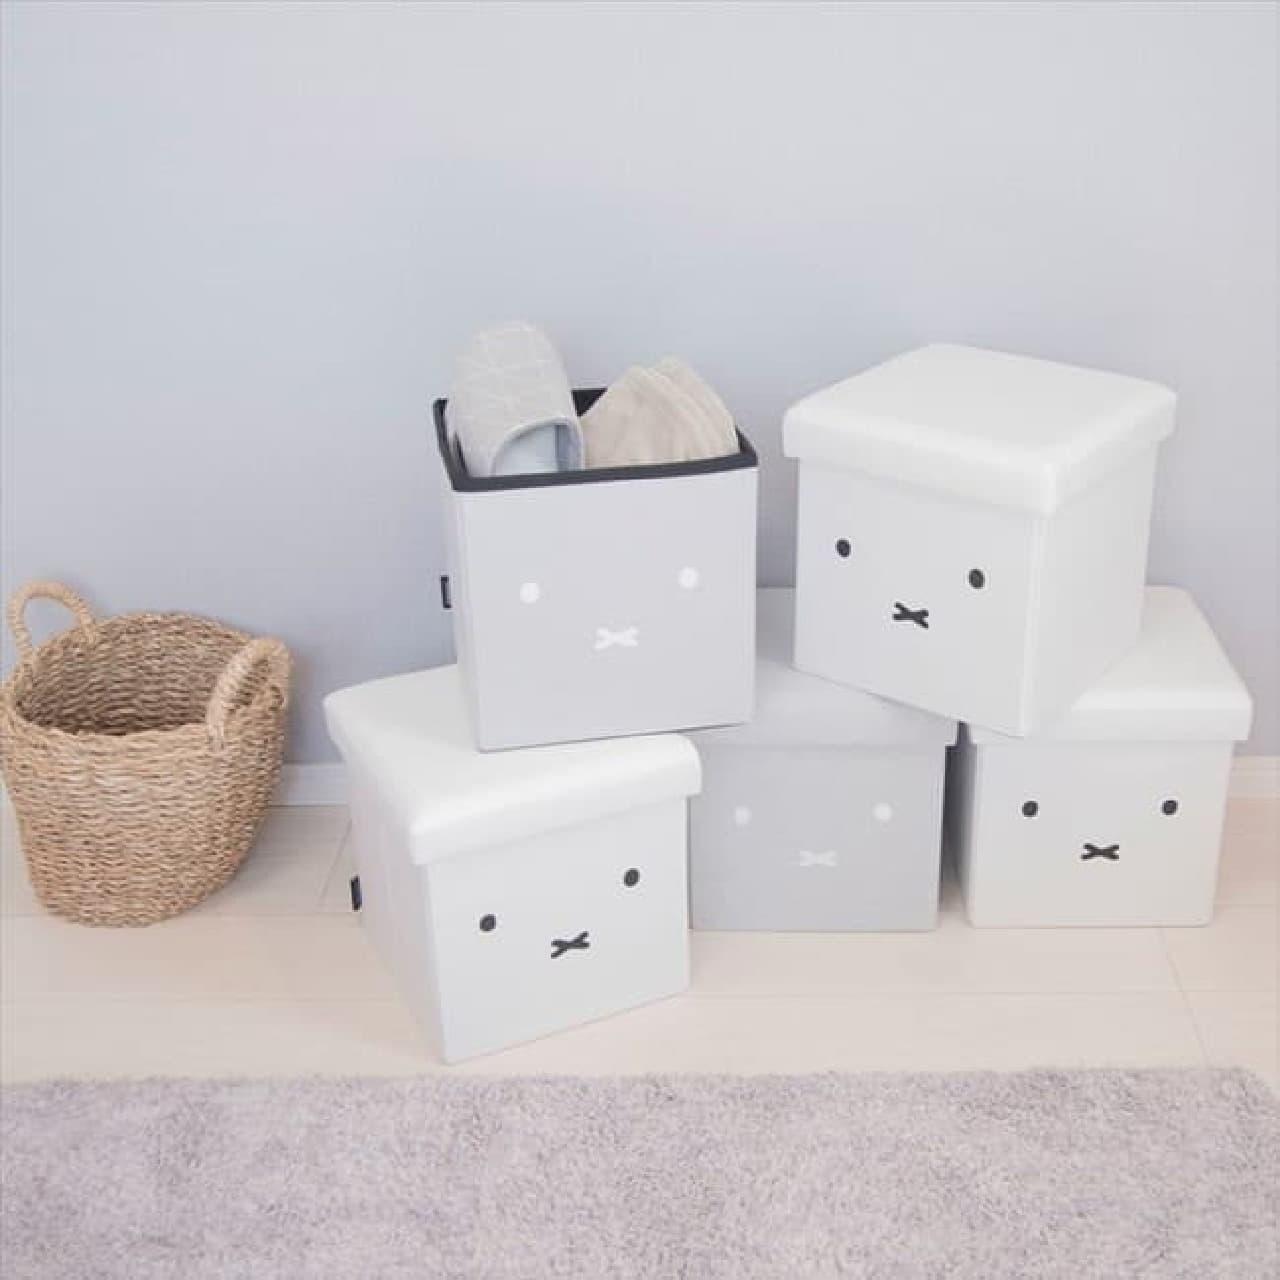 「【ミッフィー】収納できるスツール」ヴィレヴァンに -- 椅子・収納ボックス・足置きの便利な3役